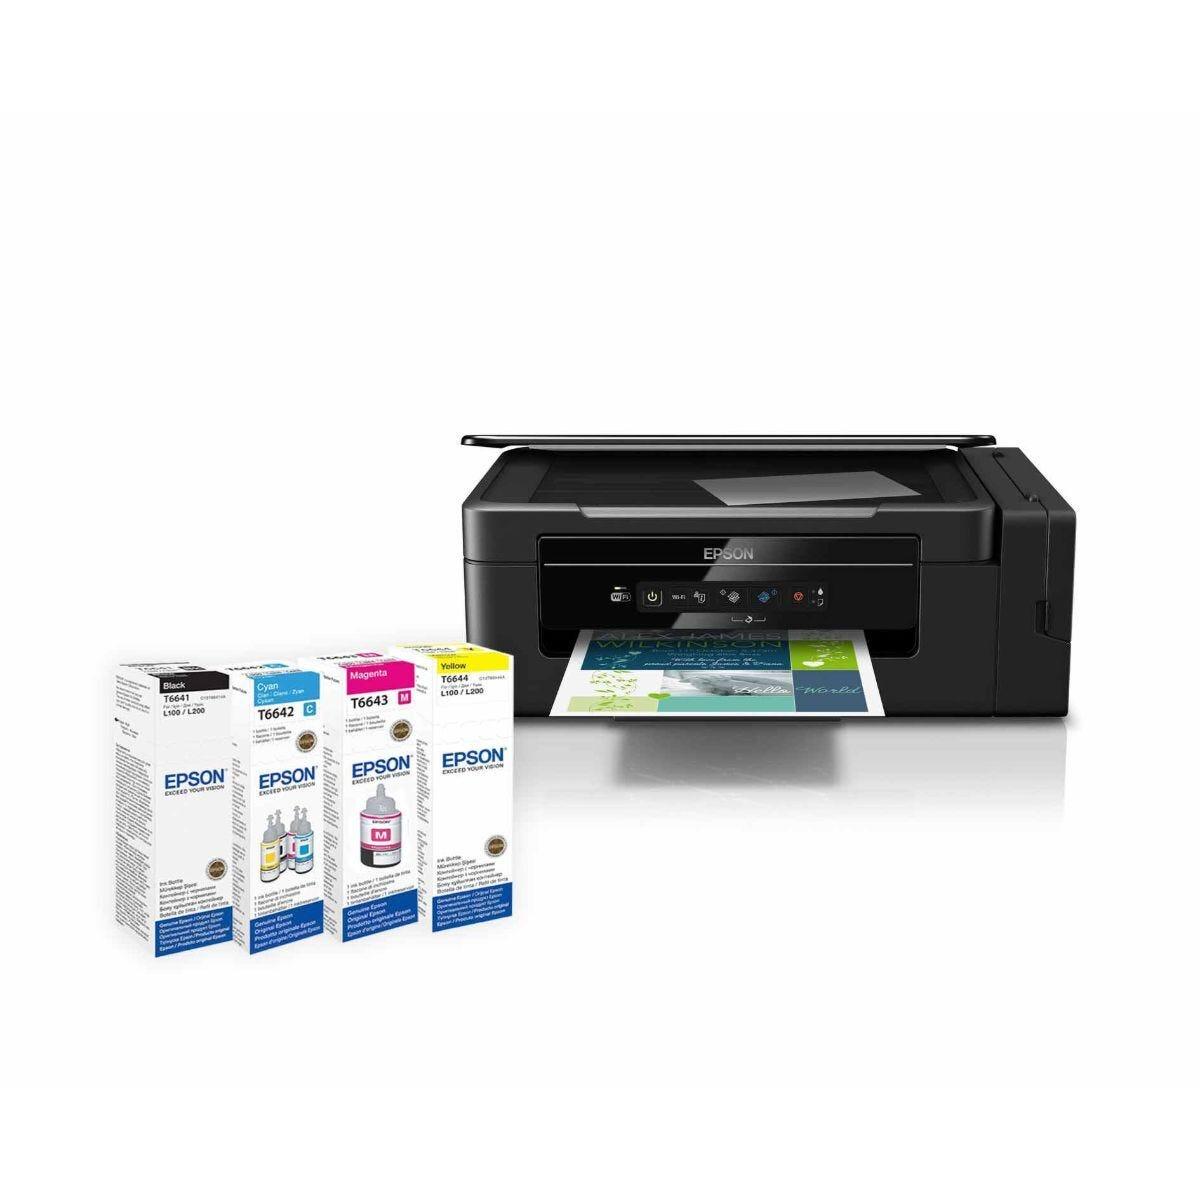 Epson EcoTank ET-2600 All in One Wireless Inkjet Printer